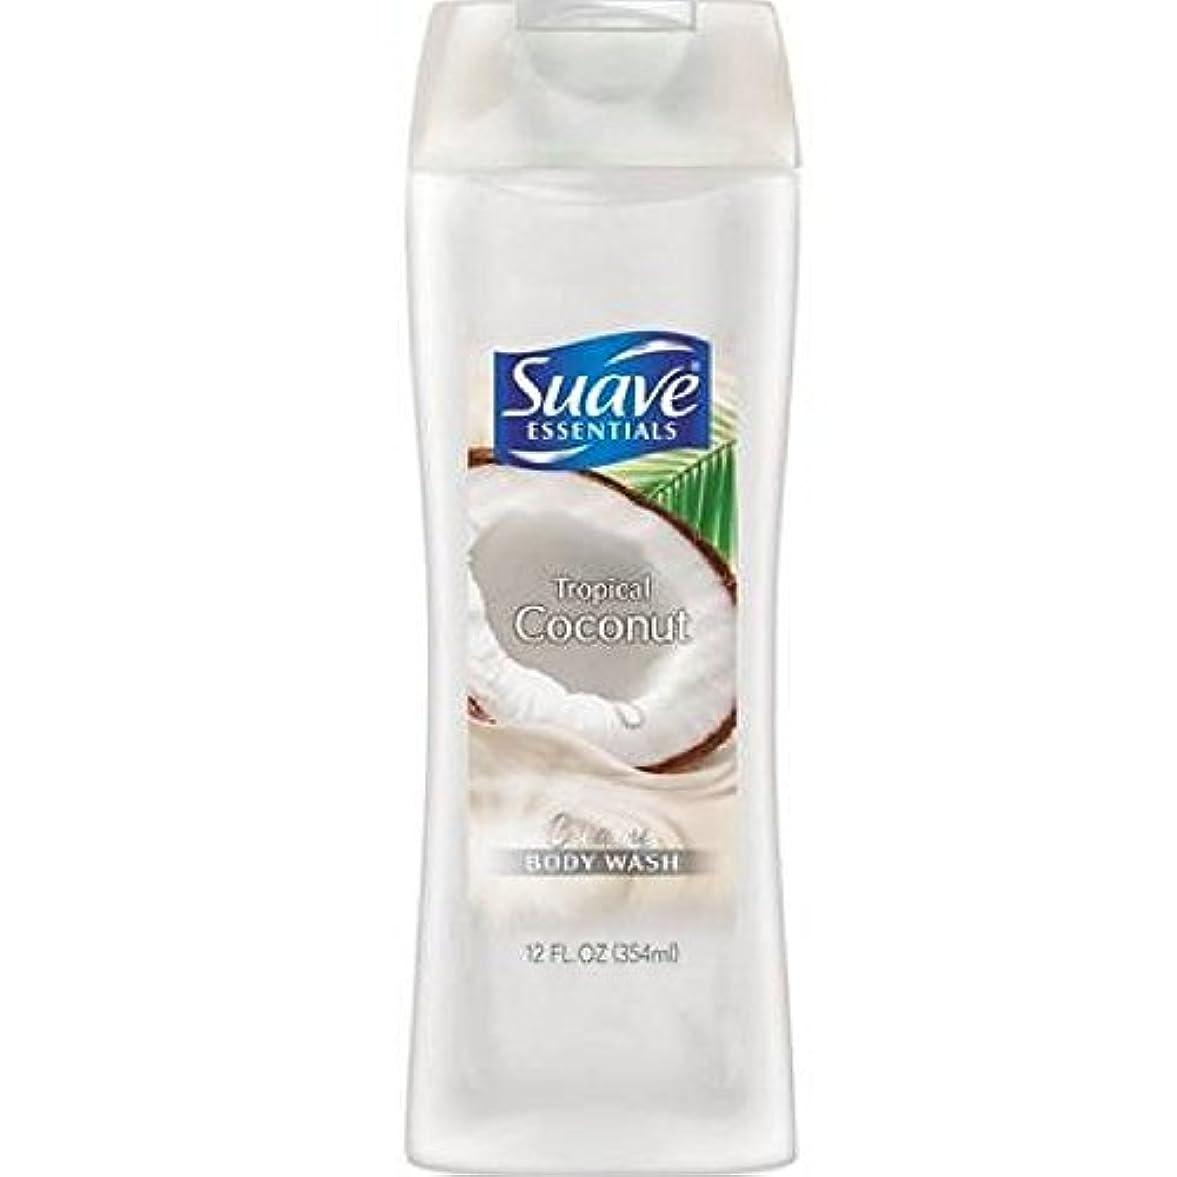 担保熟考する酸度Suave Naturals Body Wash - Tropical Coconut - 12 oz - 2 pk by Suave [並行輸入品]